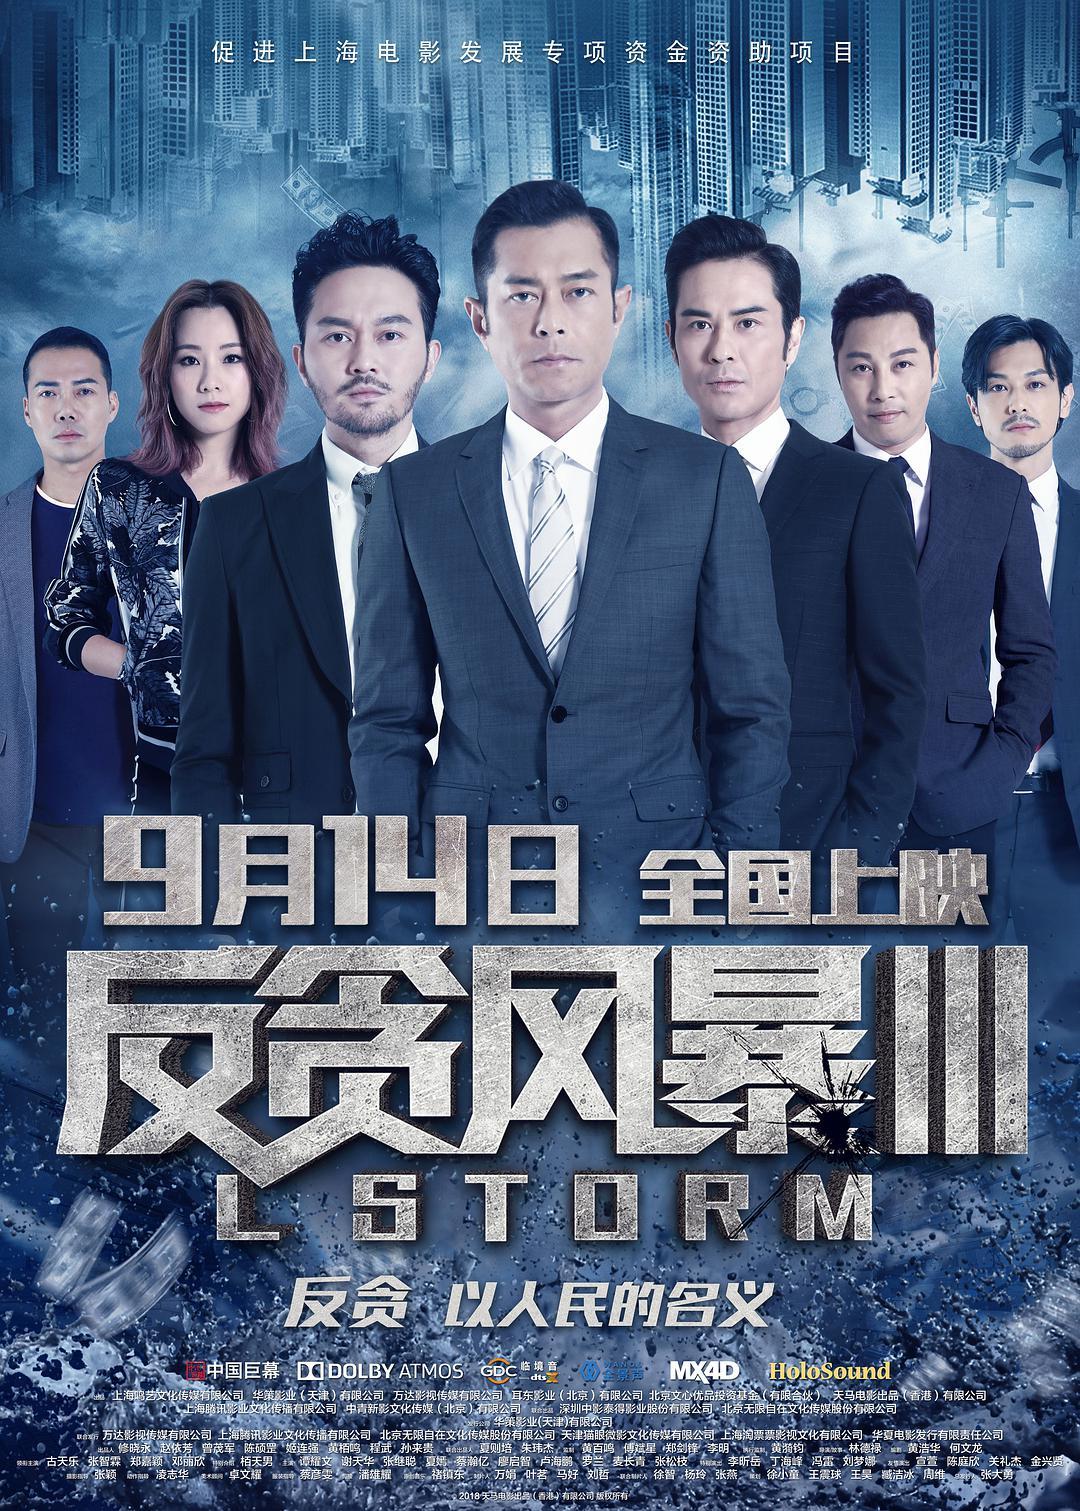 L Storm - l風暴